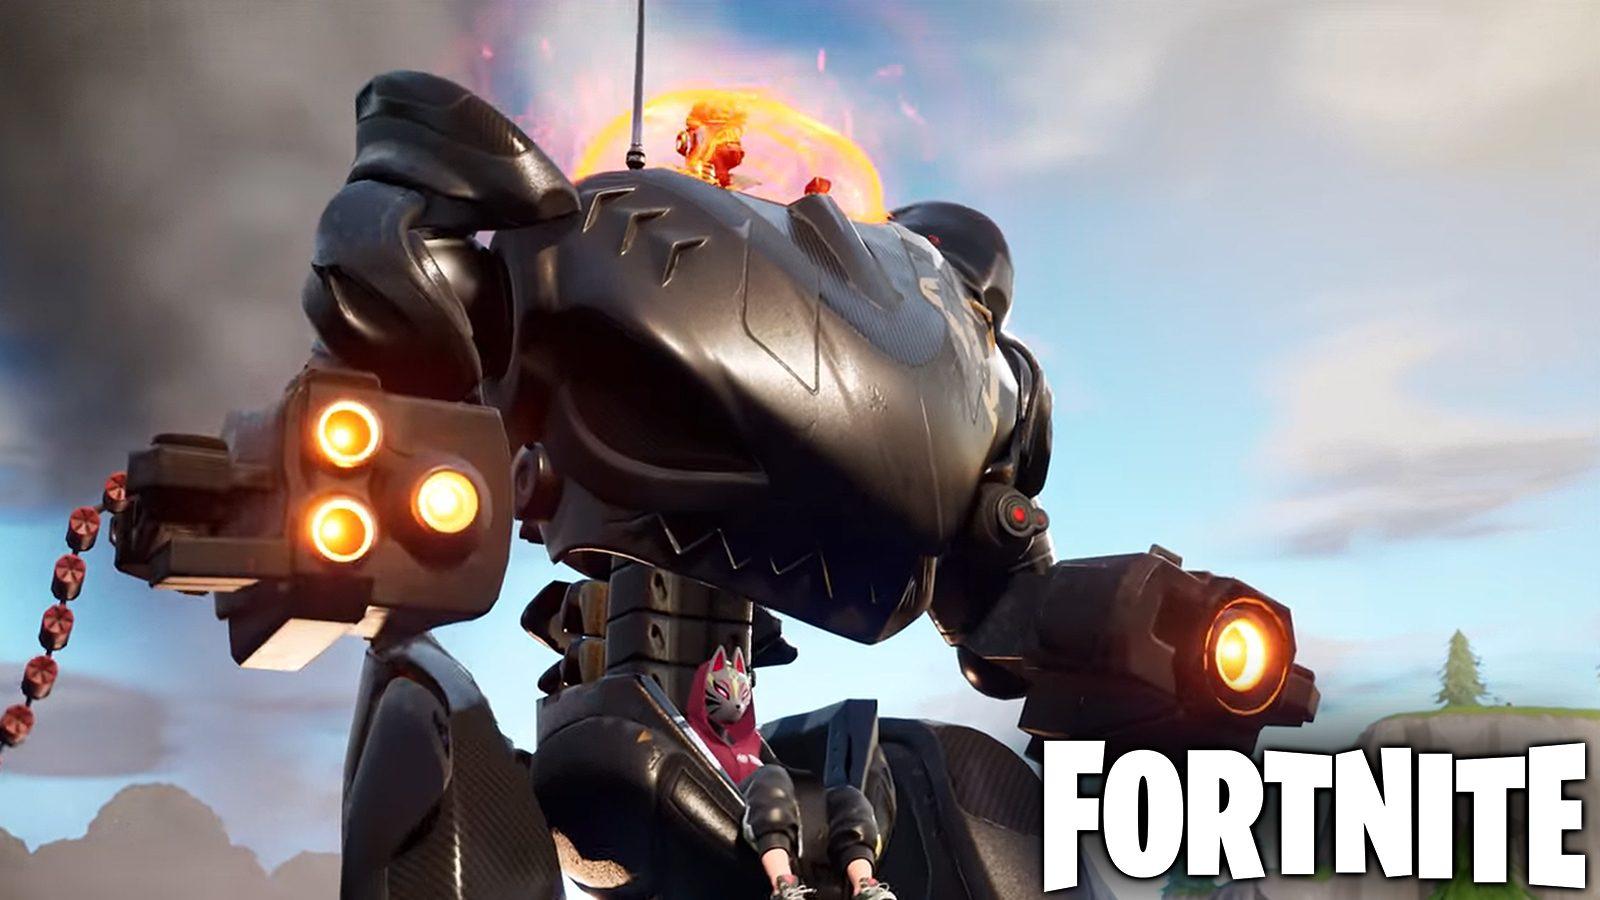 In Fortnite explodieren die verhassten Mechs jetzt sofort, wenn sie landen